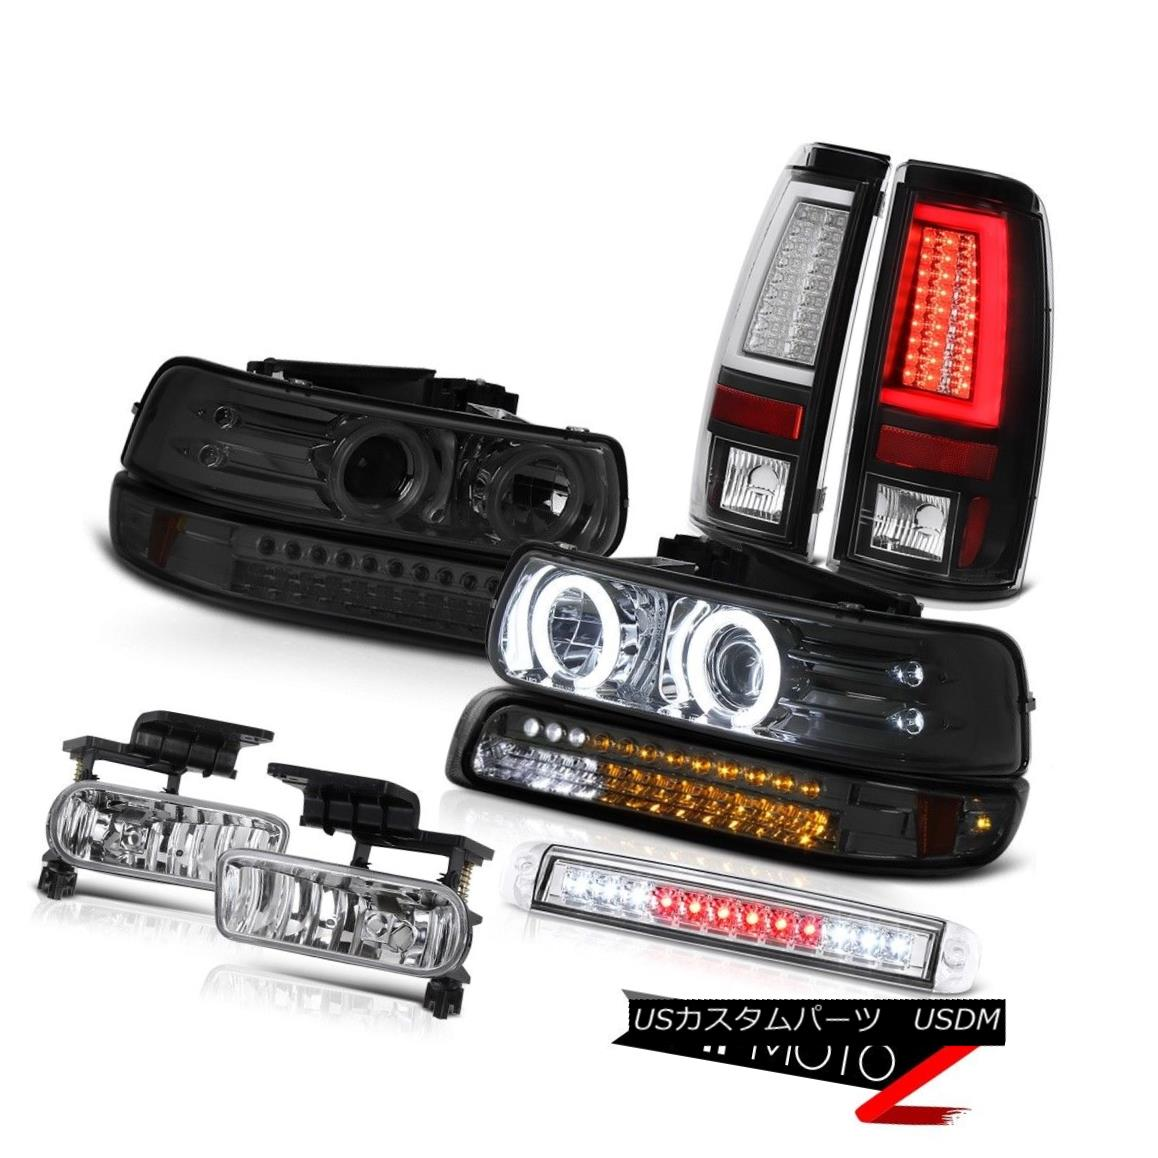 【お得】 ヘッドライト Stop 99-02 Tail Silverado Z71 Tail Lamps High Stop Light Light Parking Lamp Headlamps Foglamps 99-02 Silverado Z71テールランプハイストップライトパーキングランプヘッドランプフォグランプ, ジュエリー&ハンドバッグの居東屋:fa8b4f77 --- ip104.ip-51-83-27.eu